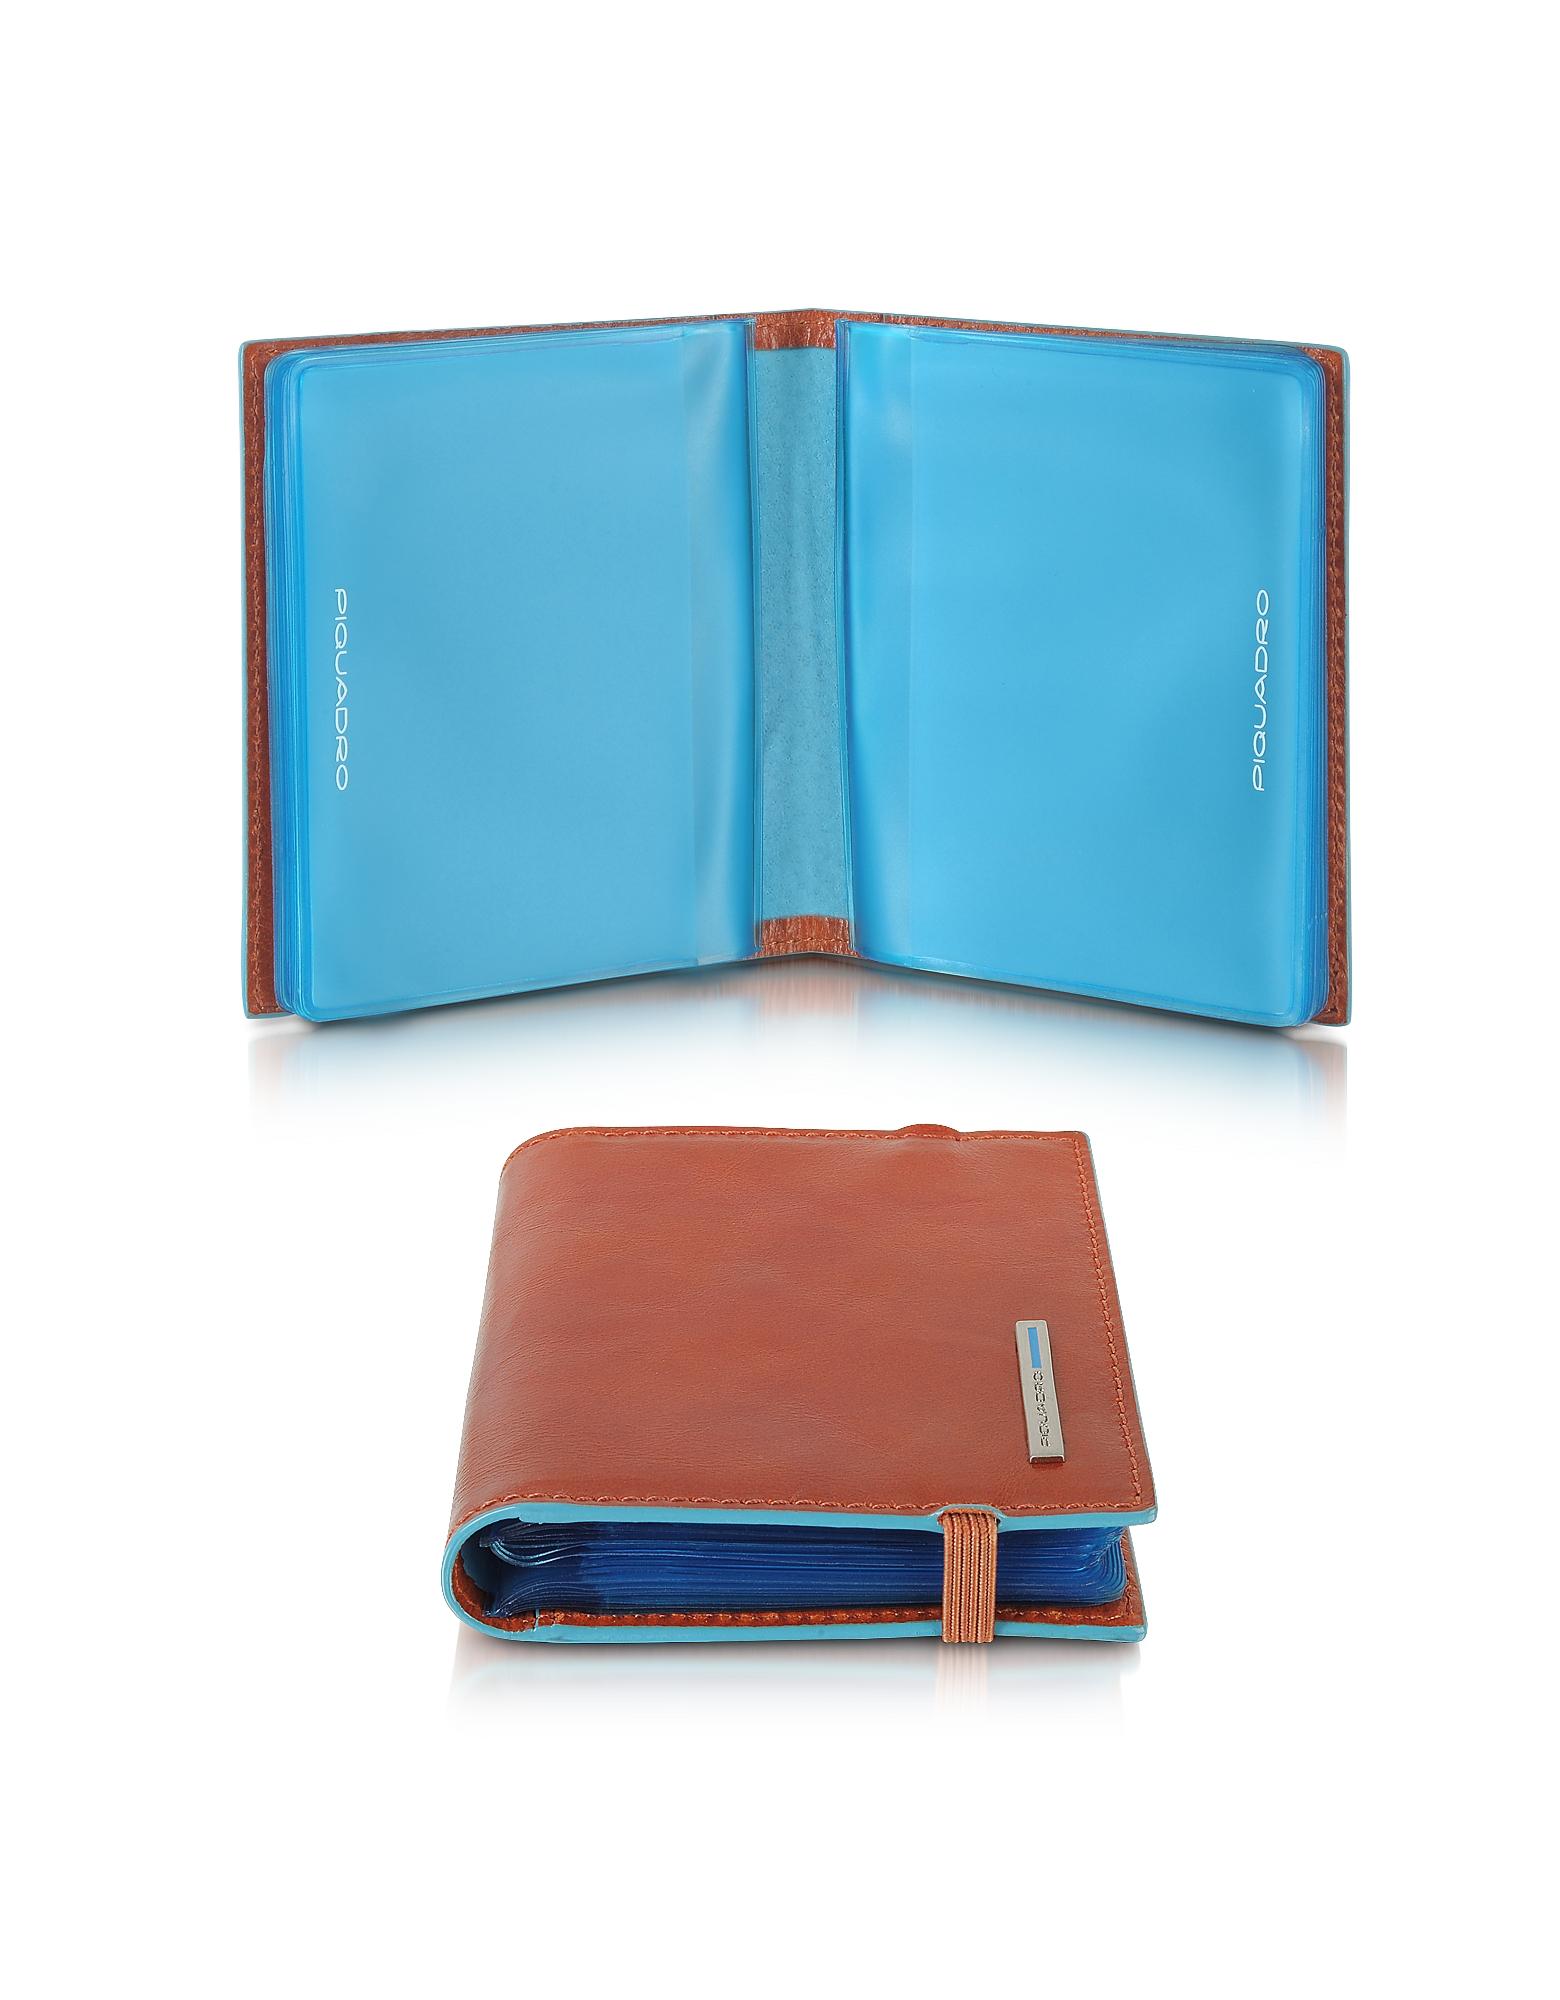 Piquadro Синий Квадратный Кожаный Бумажник для Кредитных Карт